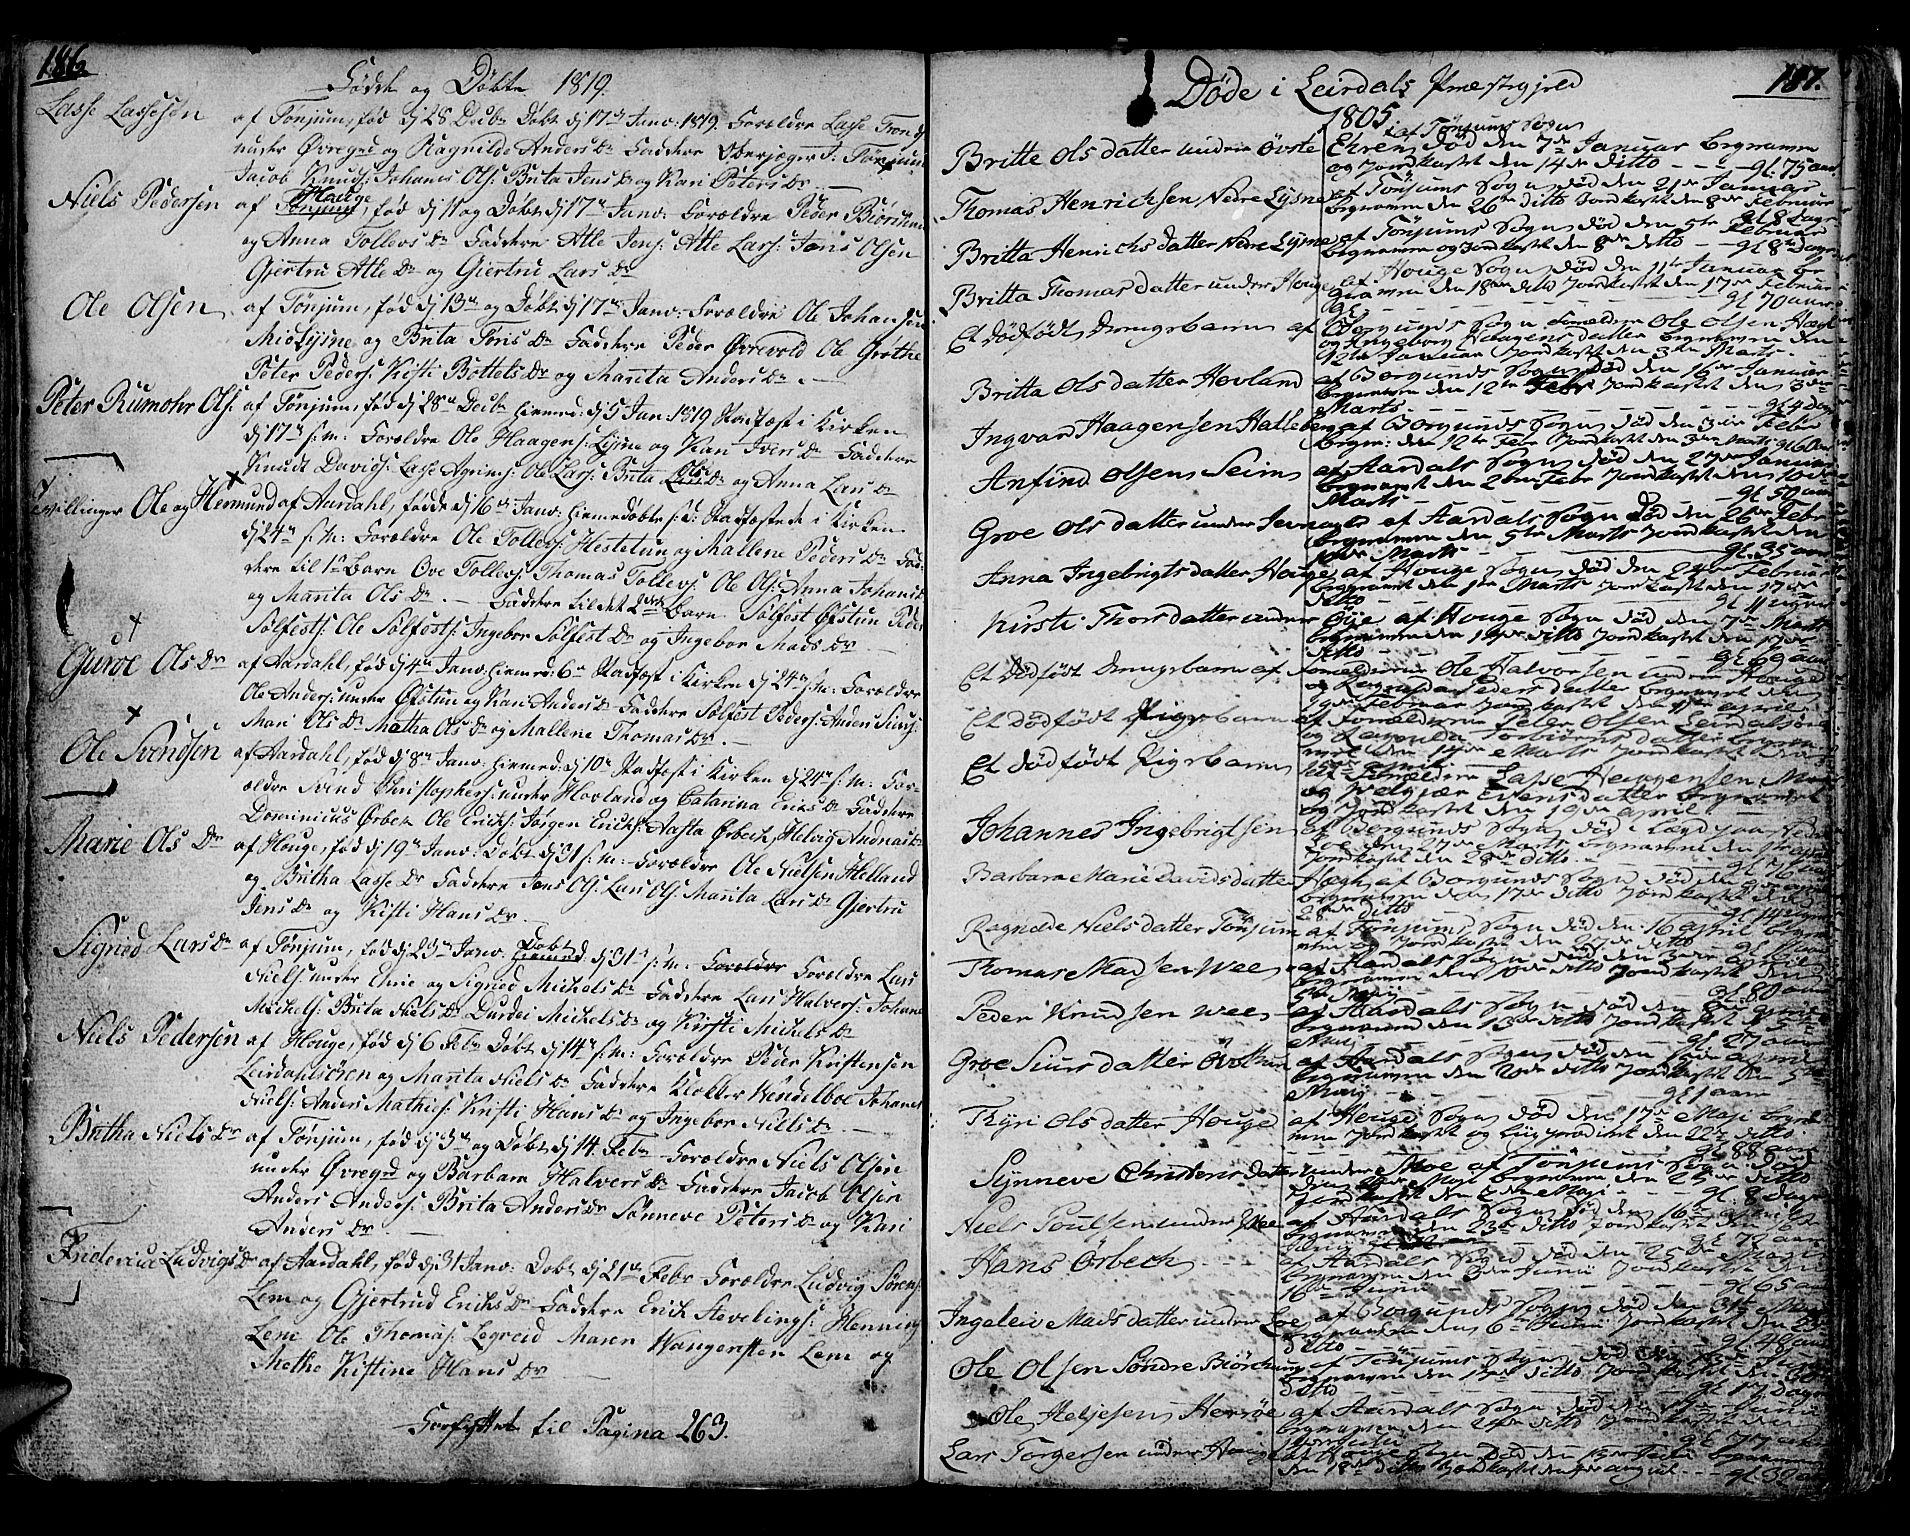 SAB, Lærdal sokneprestembete, Ministerialbok nr. A 4, 1805-1821, s. 186-187